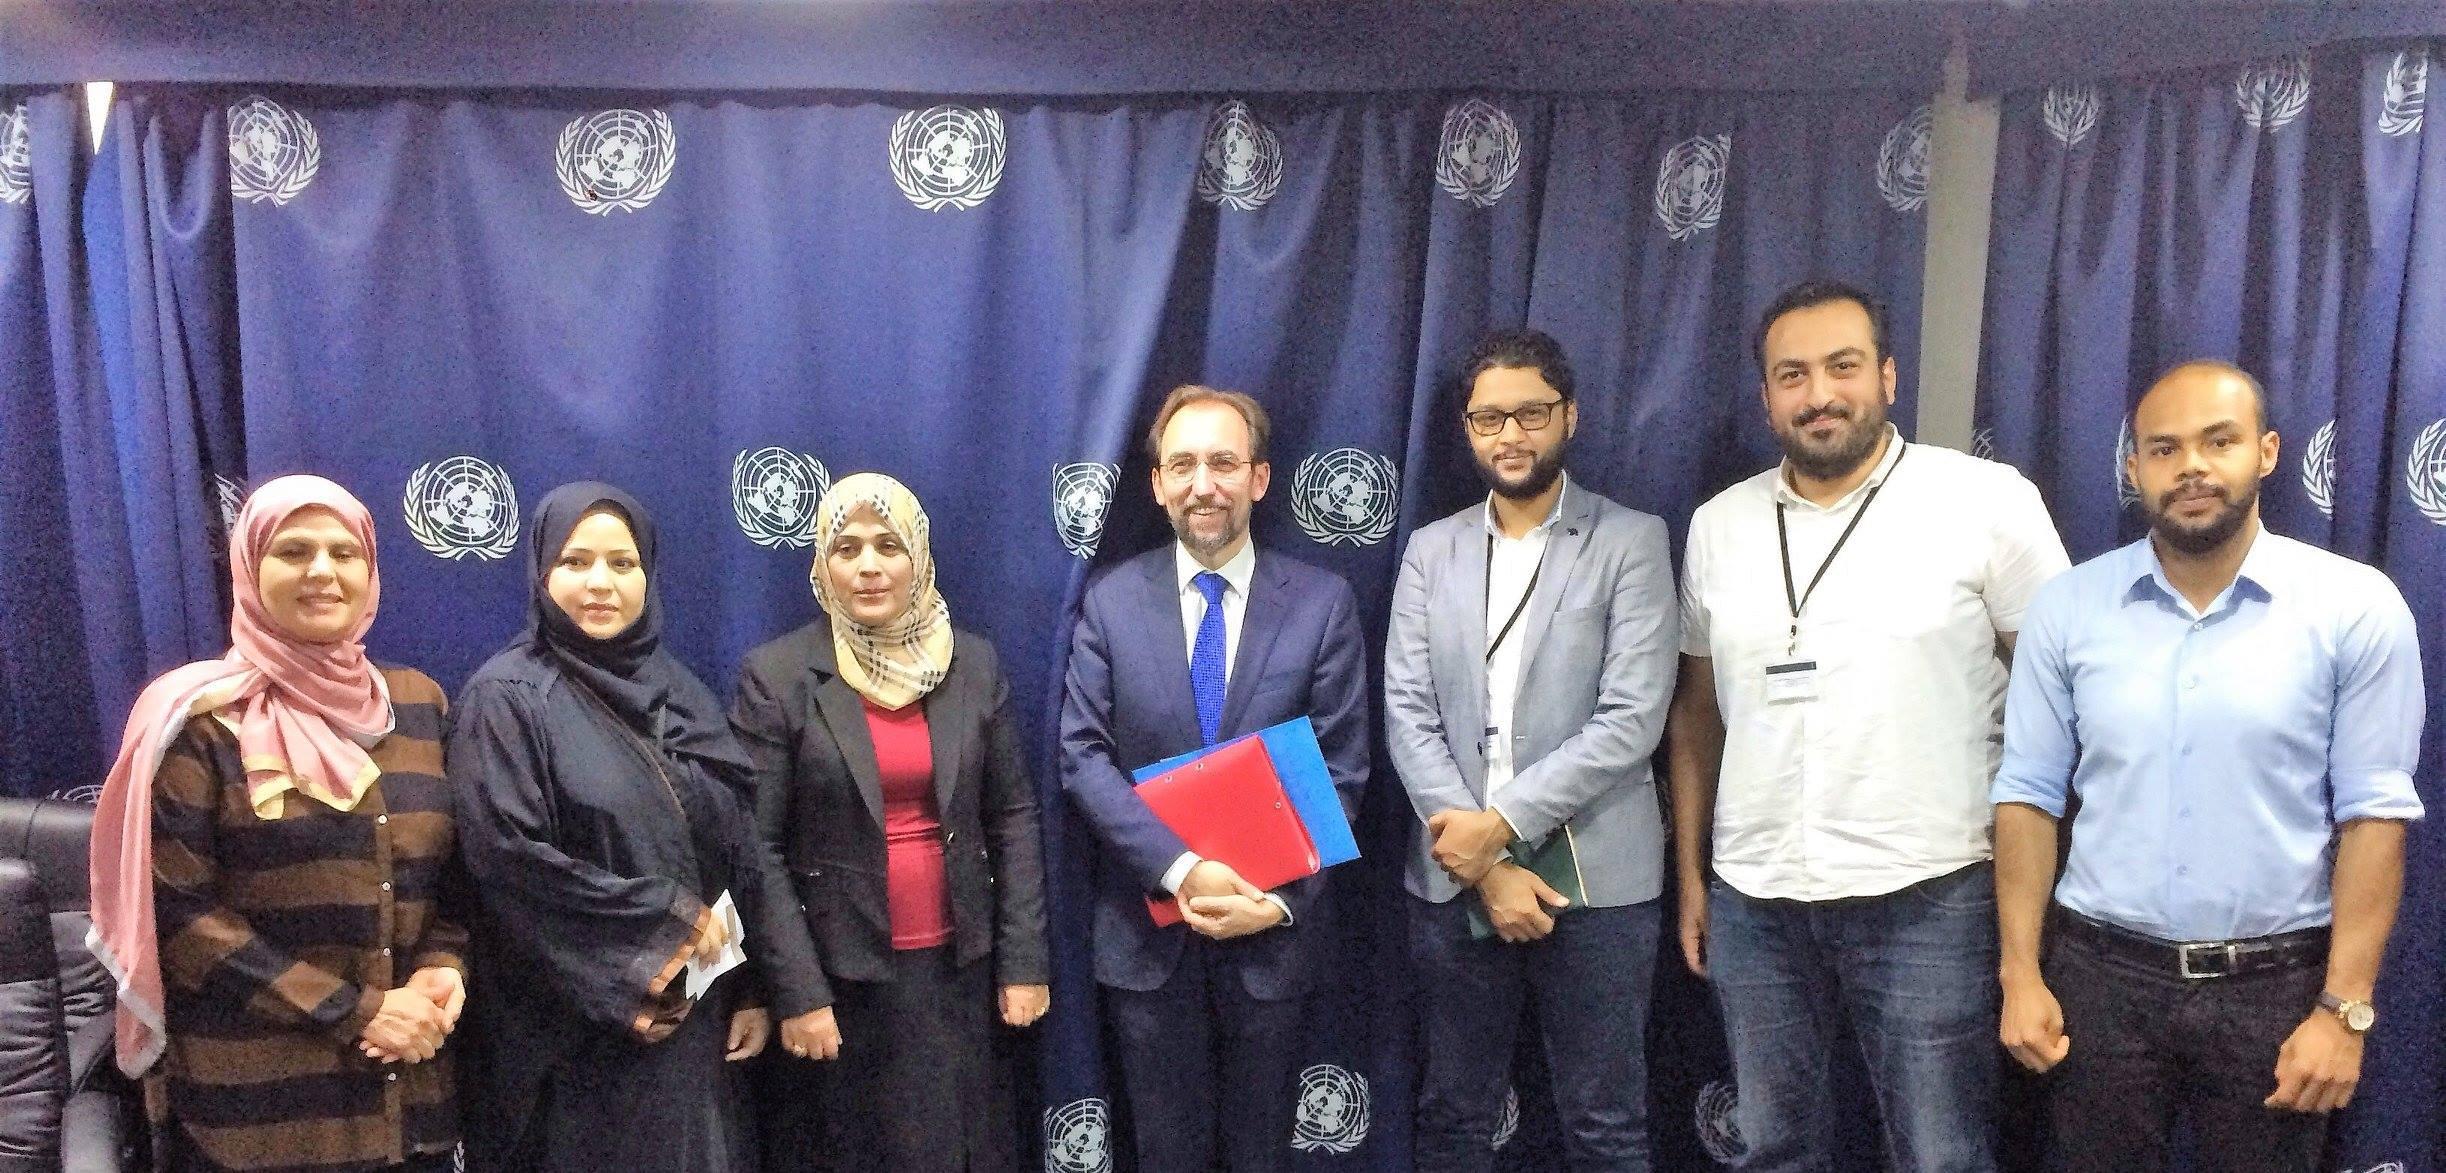 منظمات ليبية حقوقية يجتمعون بمبعوث الأمم المتحدة والمفوض السامي لحقوق الأنسان